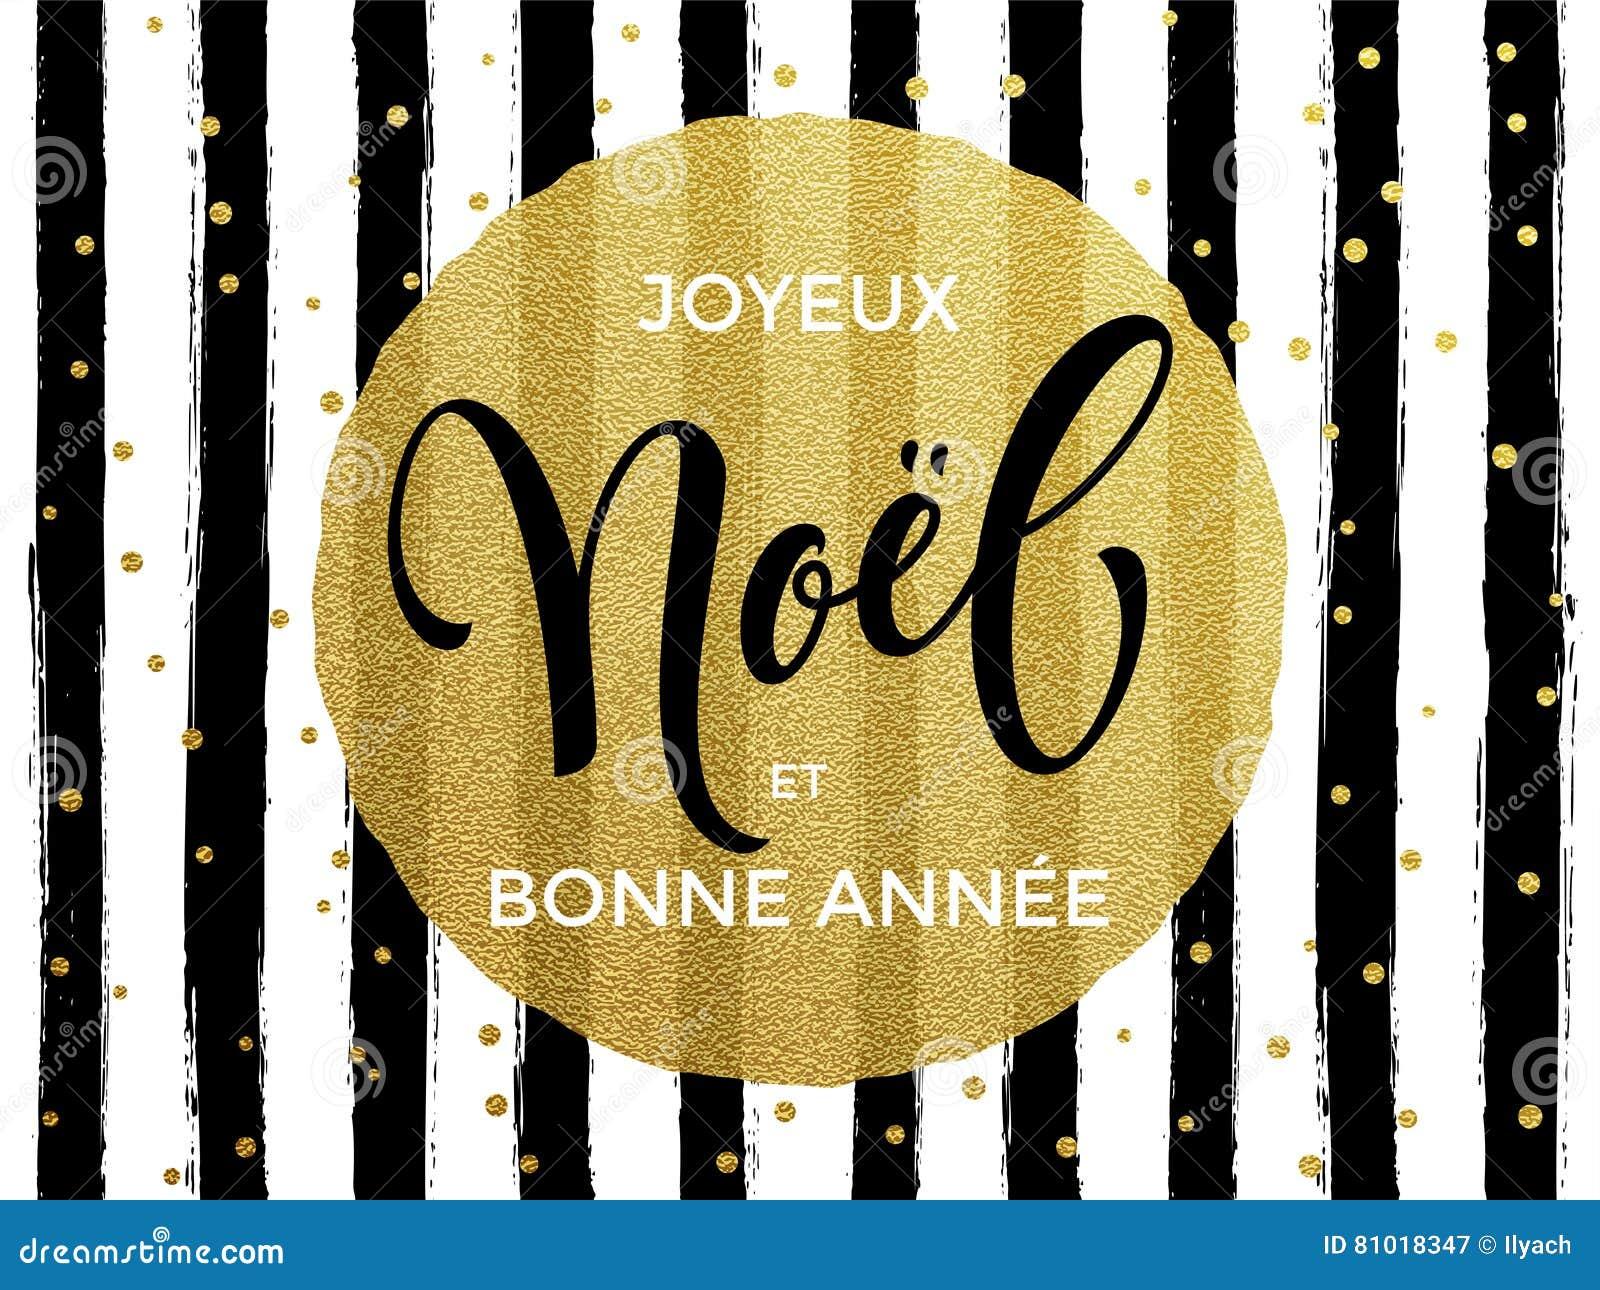 Texto Del Brillo Del Oro De Joyeux Noel French Merry